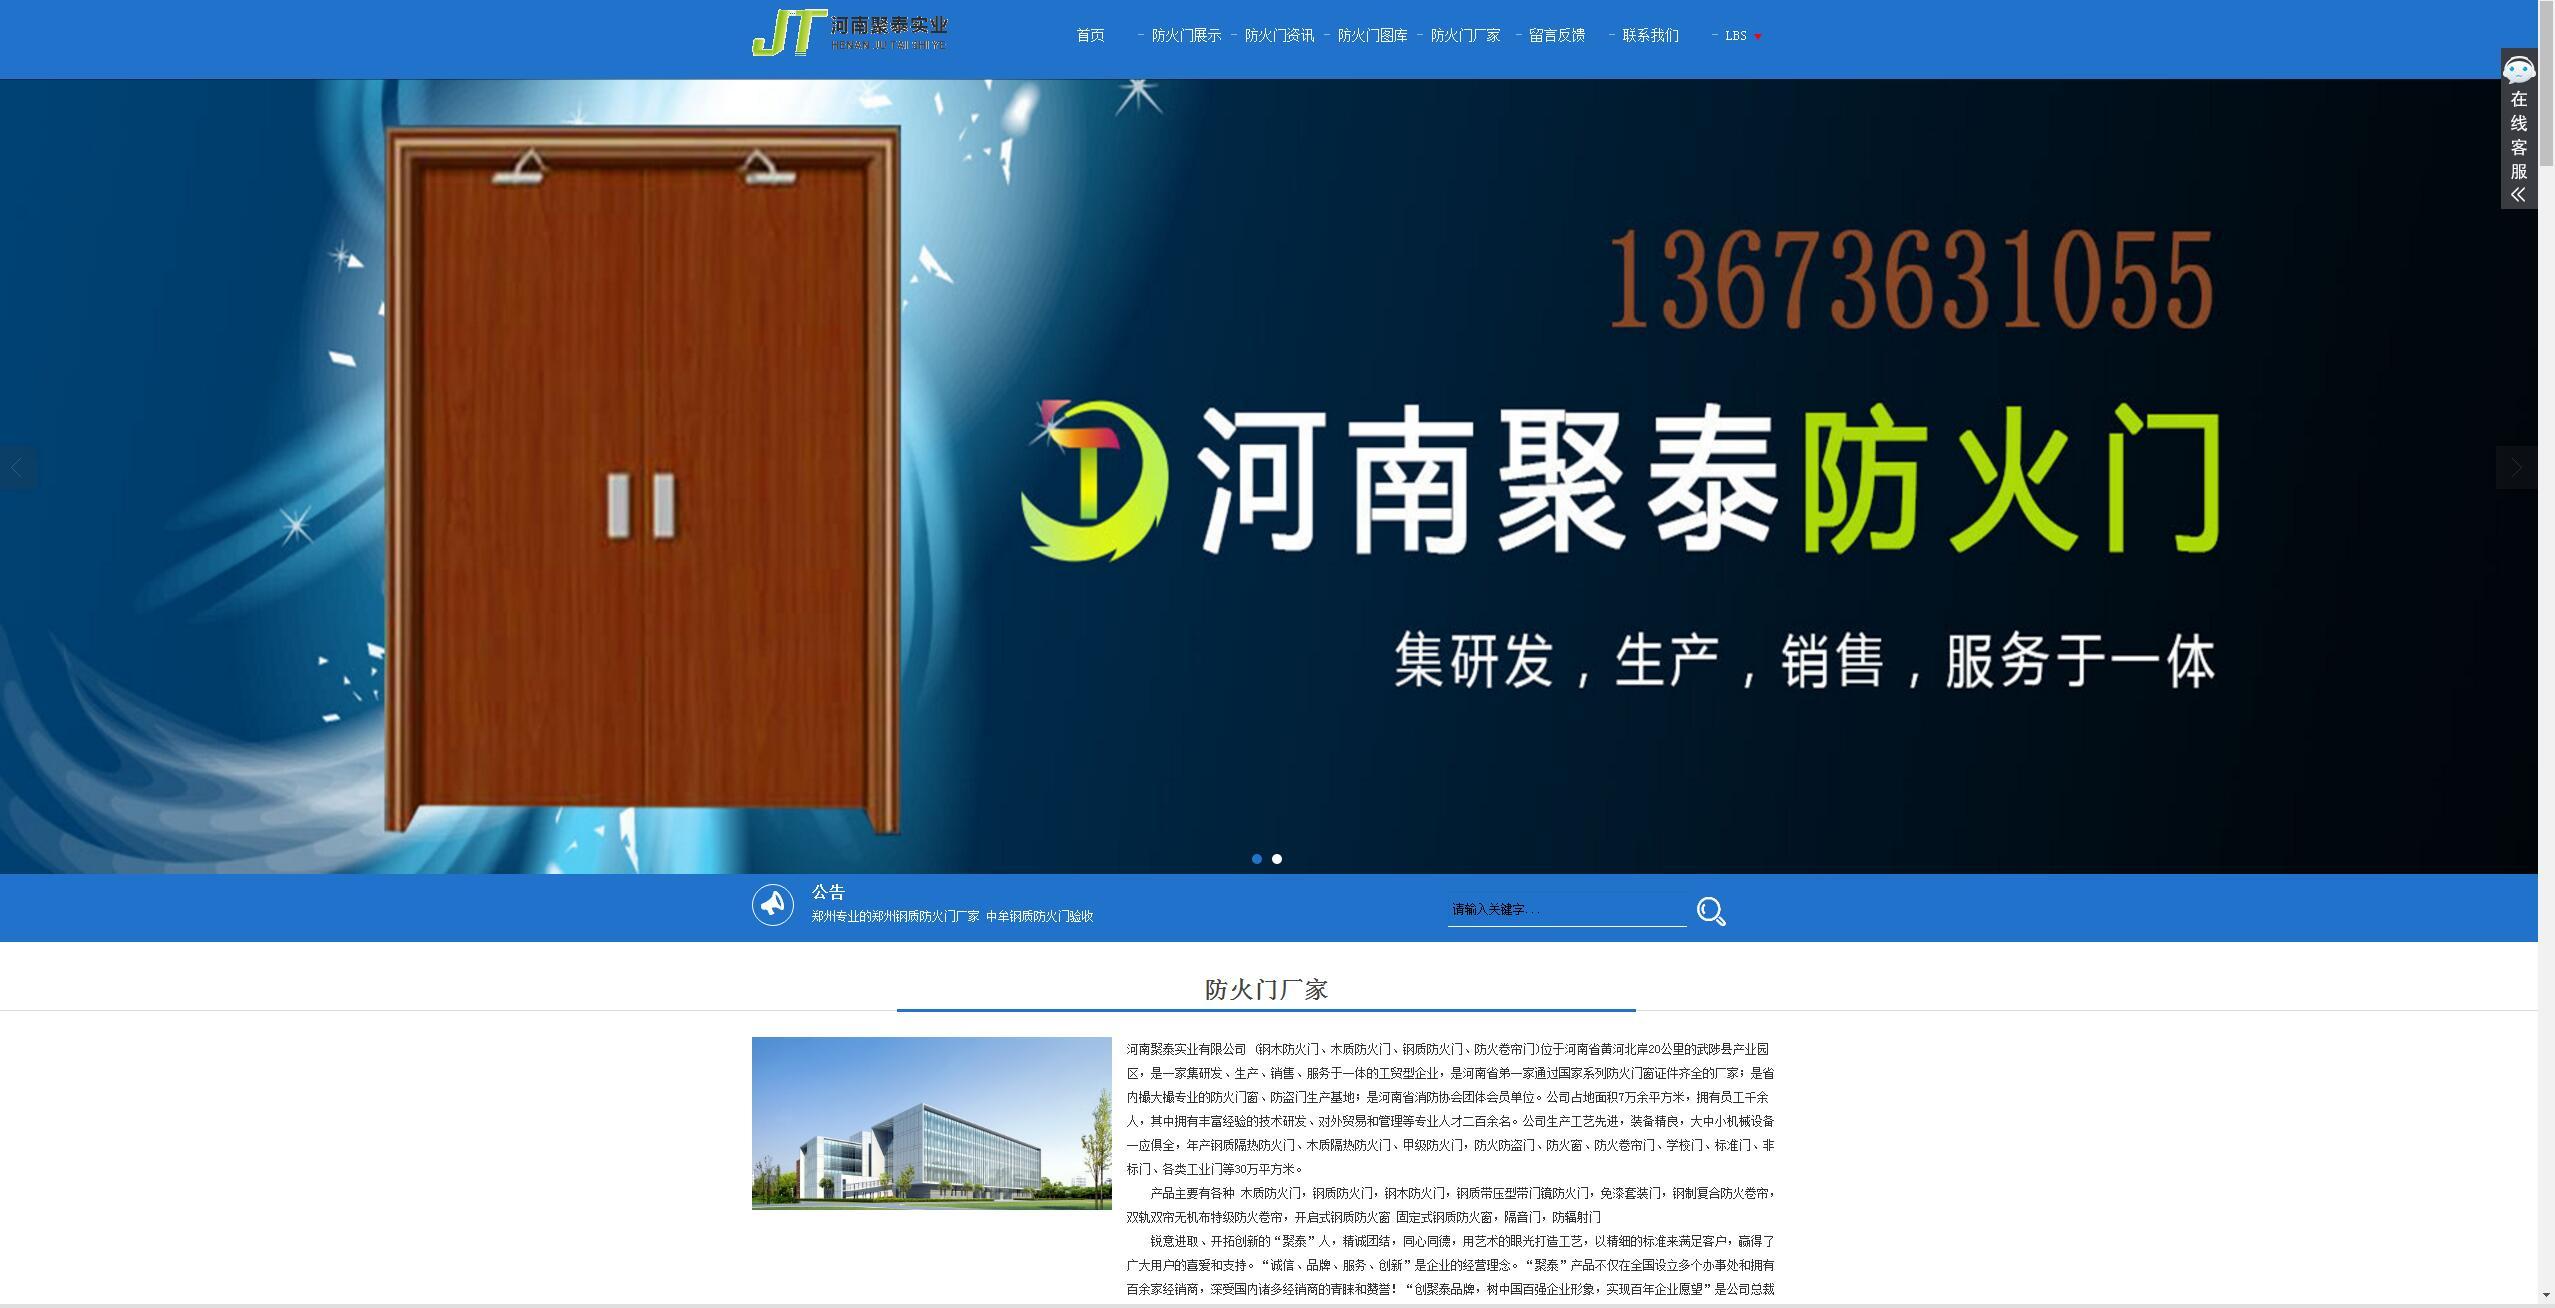 郑州网络营销公司哪家好【聚商科技】您的优选